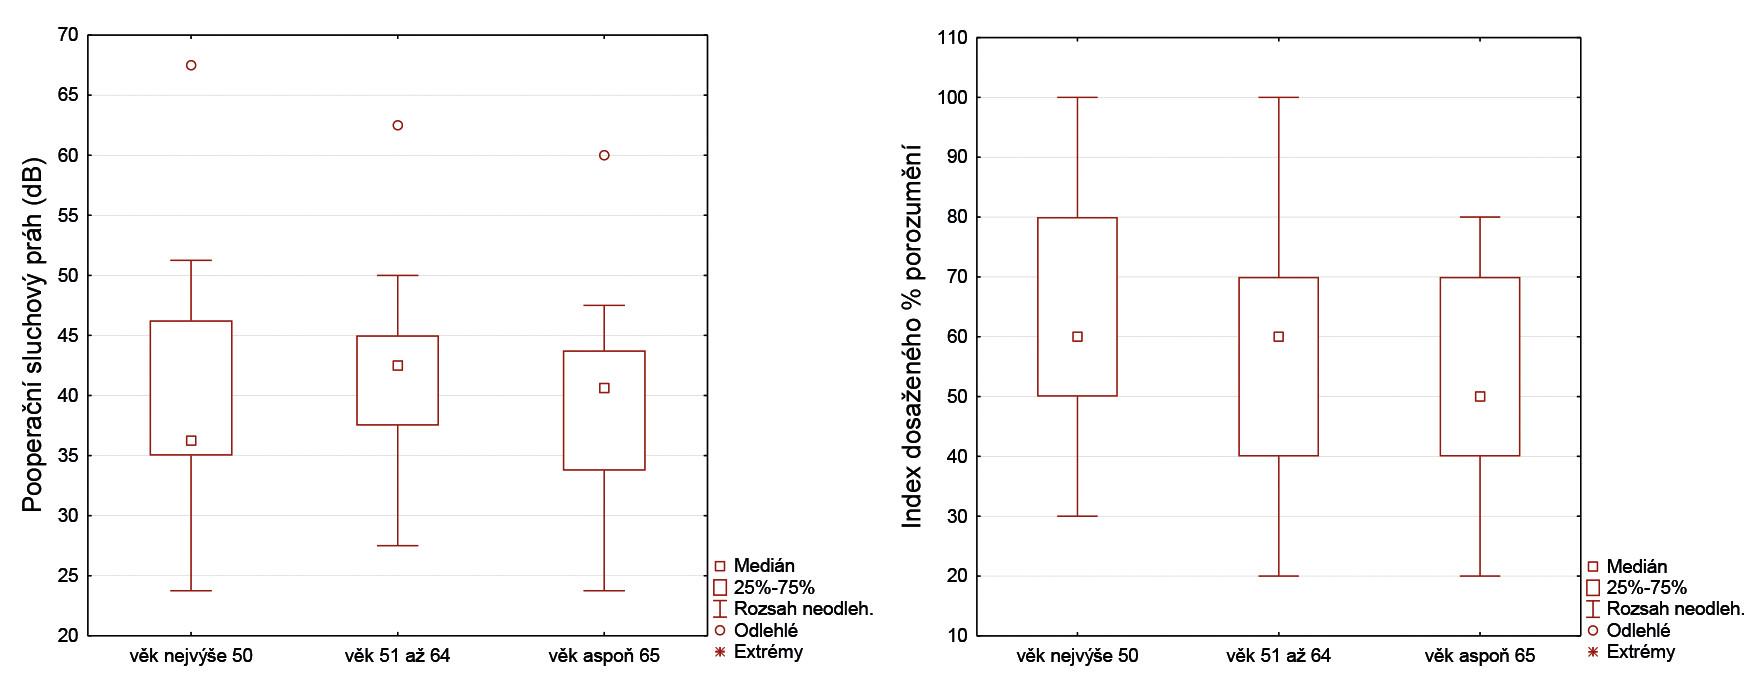 Grafy 9, 10 Krabicové diagramy pooperační tónové a slovní audiometrie u tří skupin pacientů rozlišených dle věku.